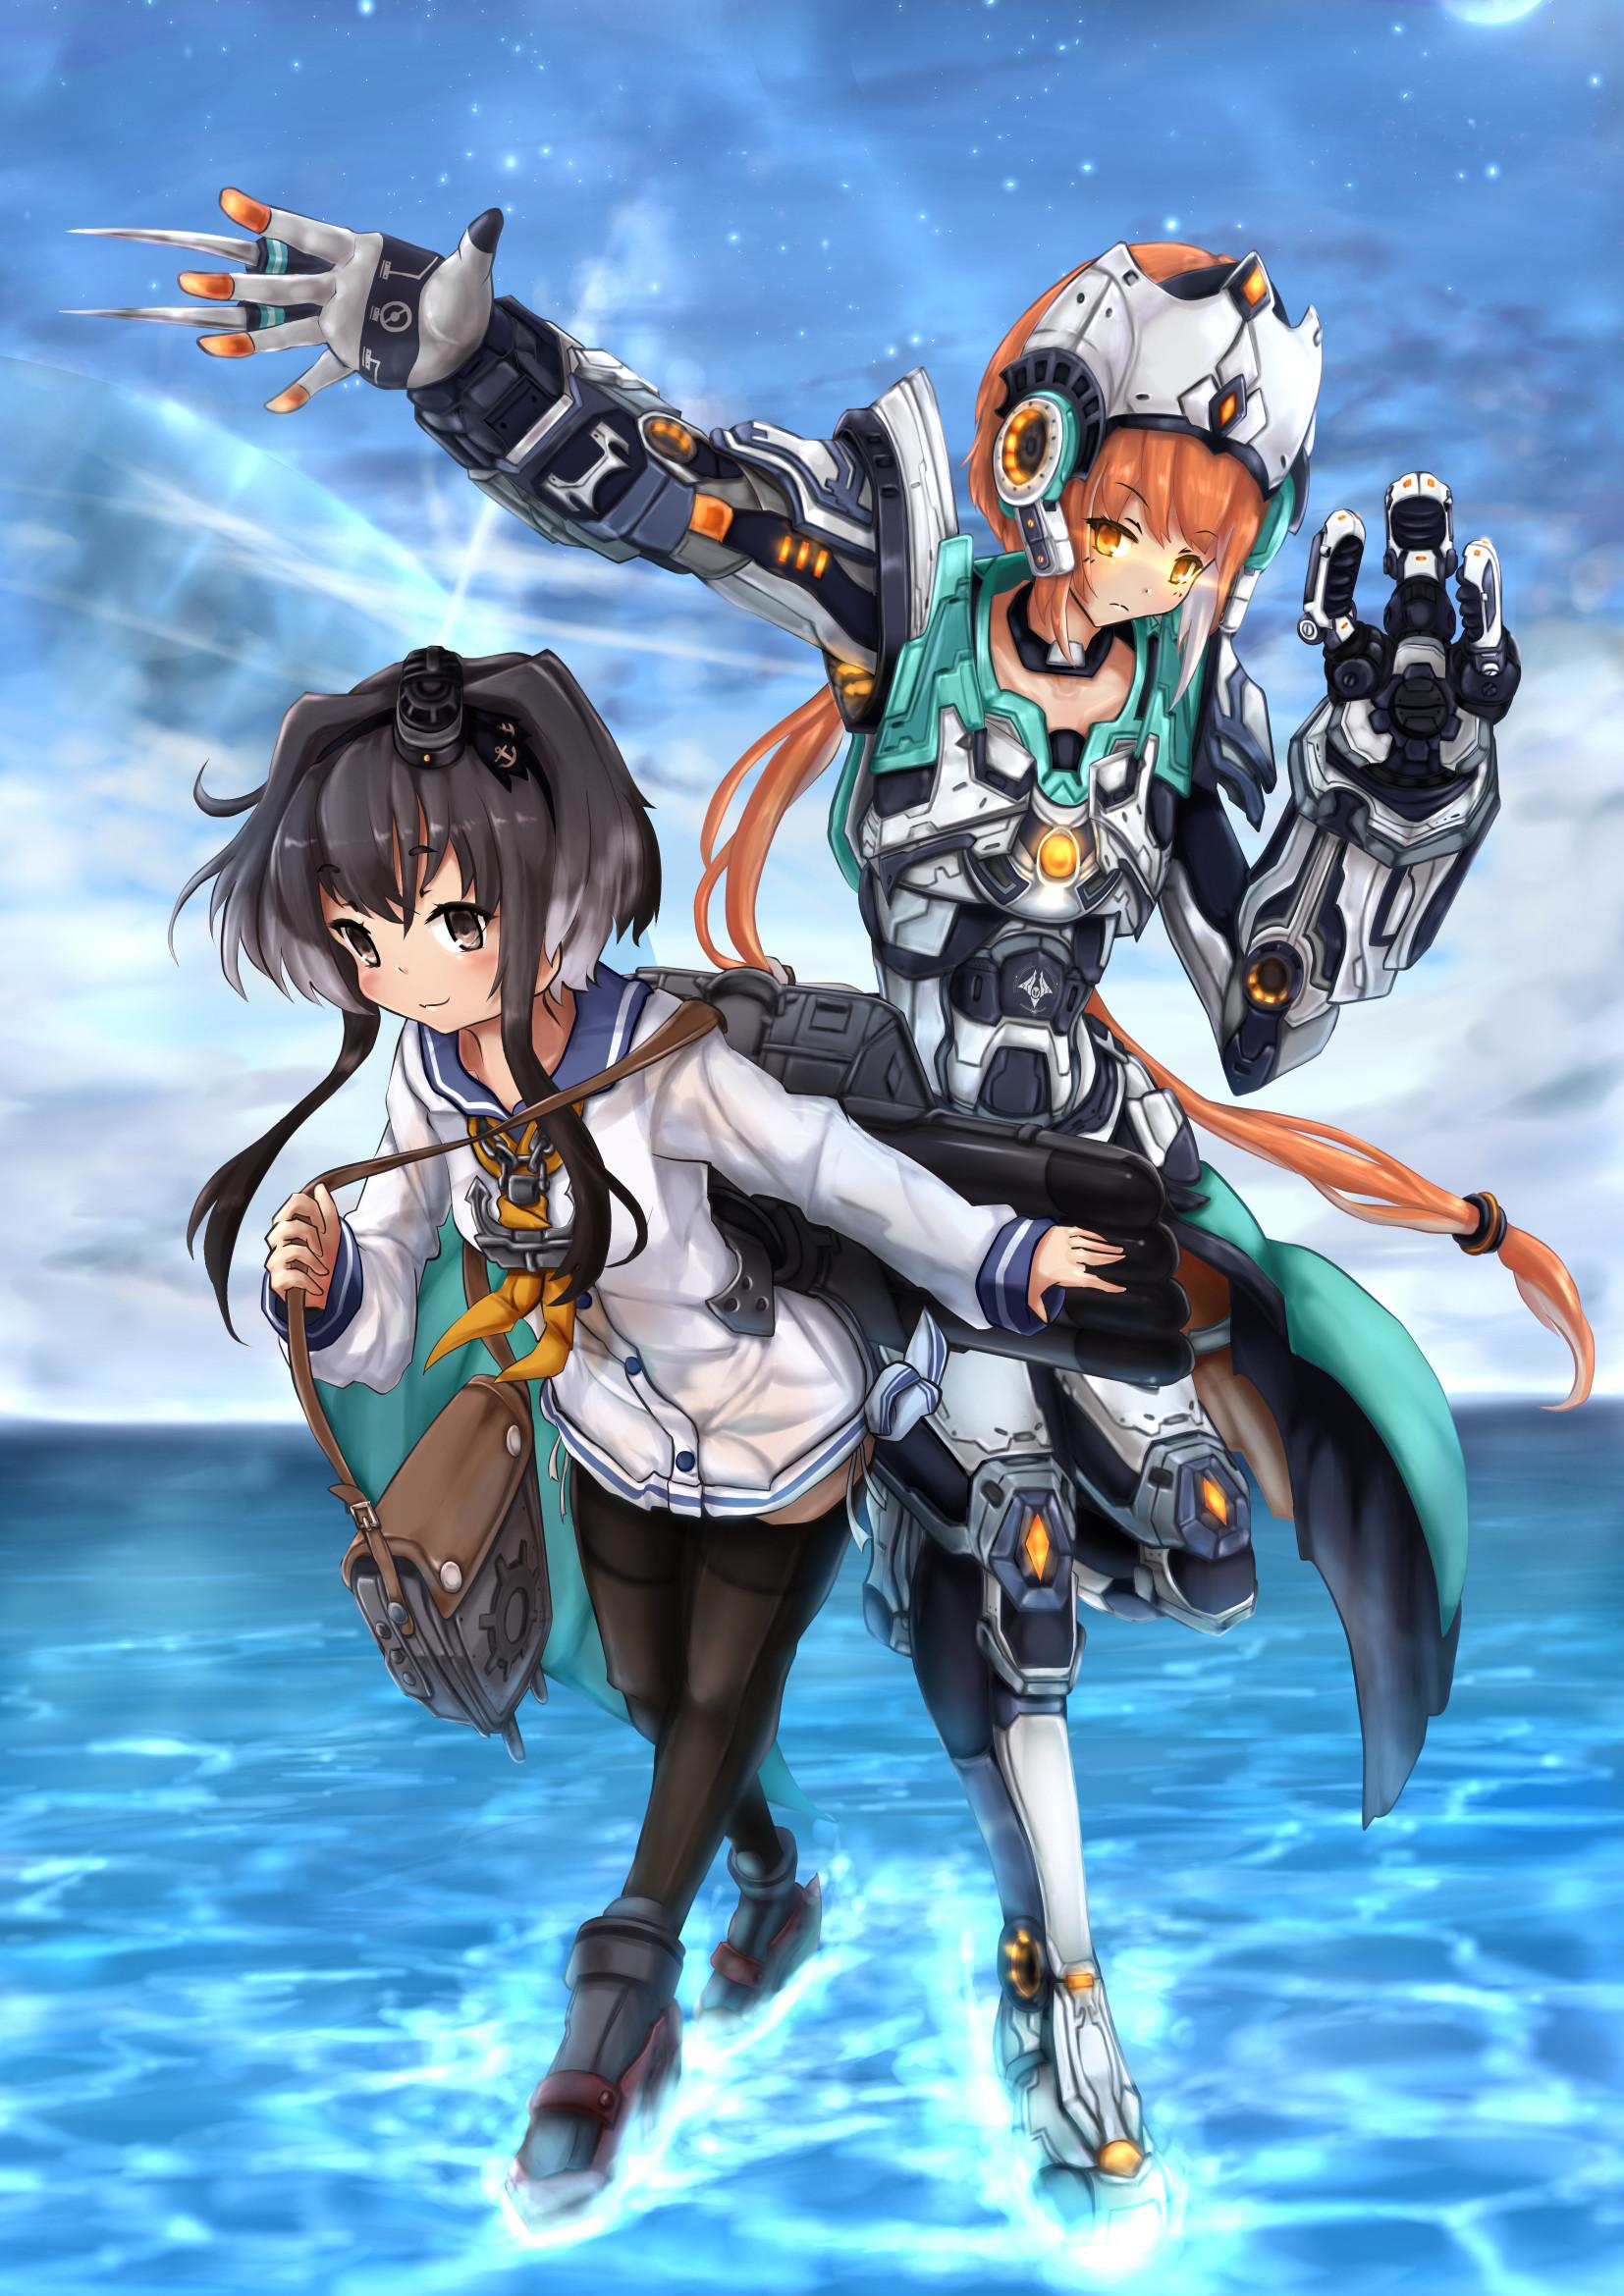 Tokitsukaze and Talandar